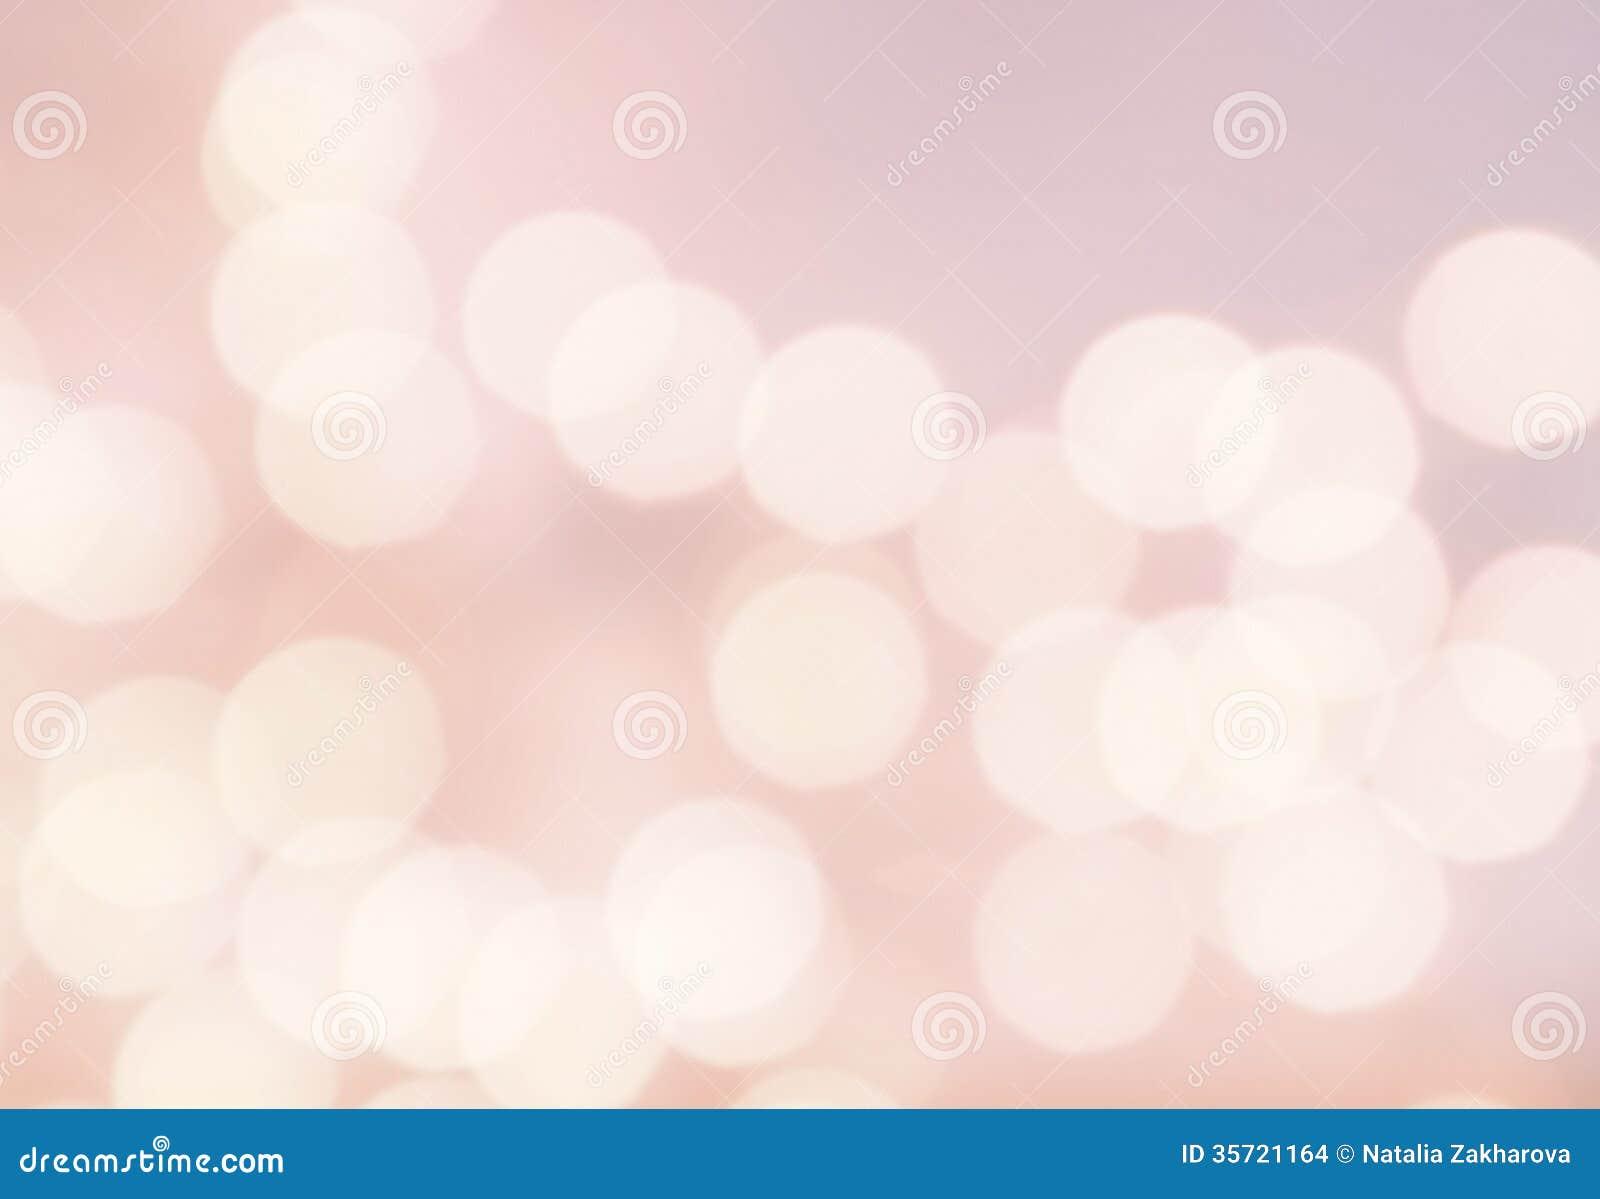 Bokeh-Licht Weinlesehintergrund. Helle rosa Farbe. Abstraktes natu